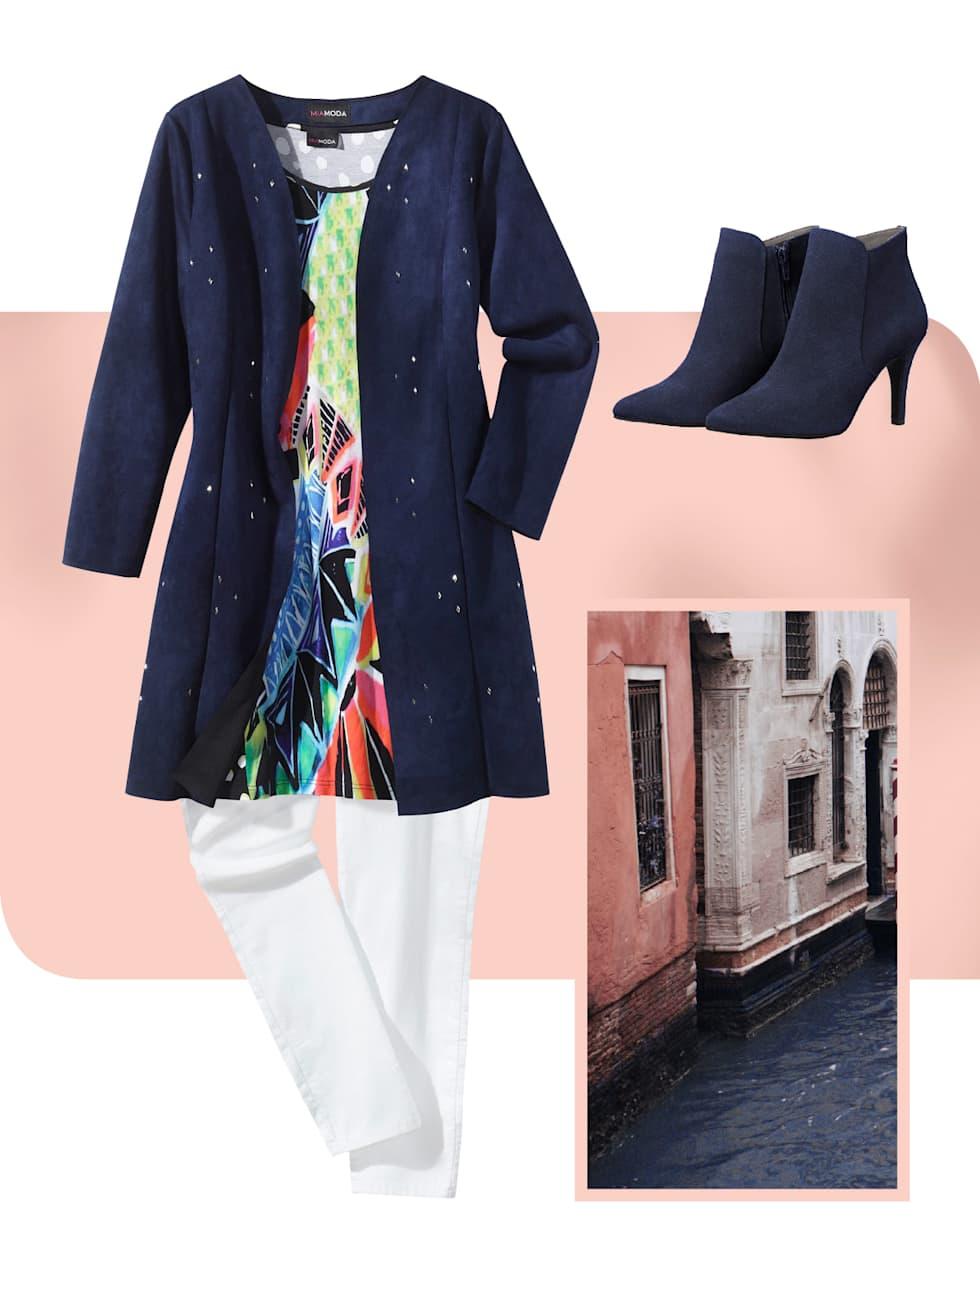 MIAMODA Grosse Grössen Kampagne strahlende Farben - Outfit in der Farbe blau